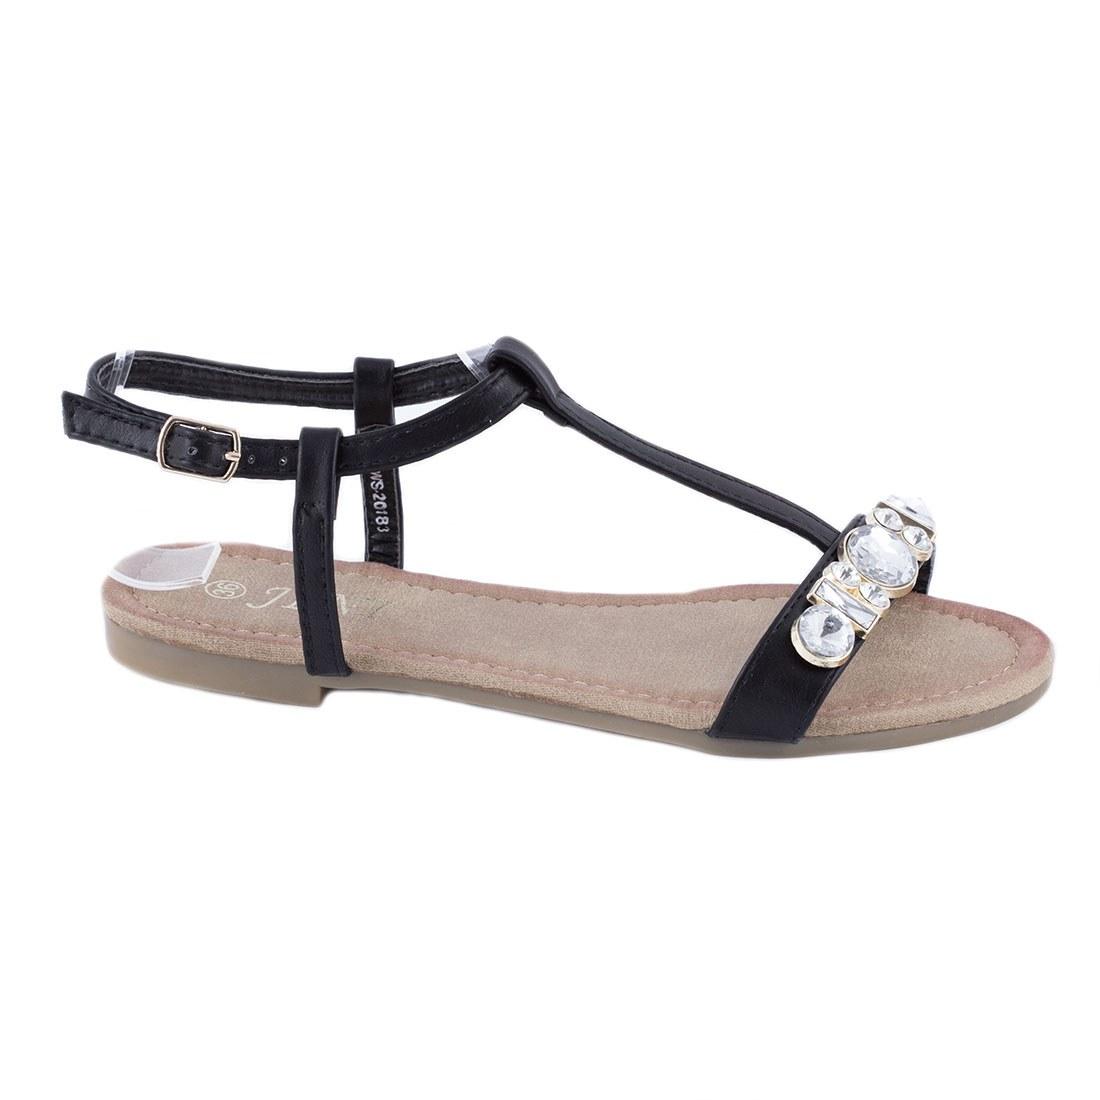 Sandale de dama cu pietre WS-20183-NEGRU